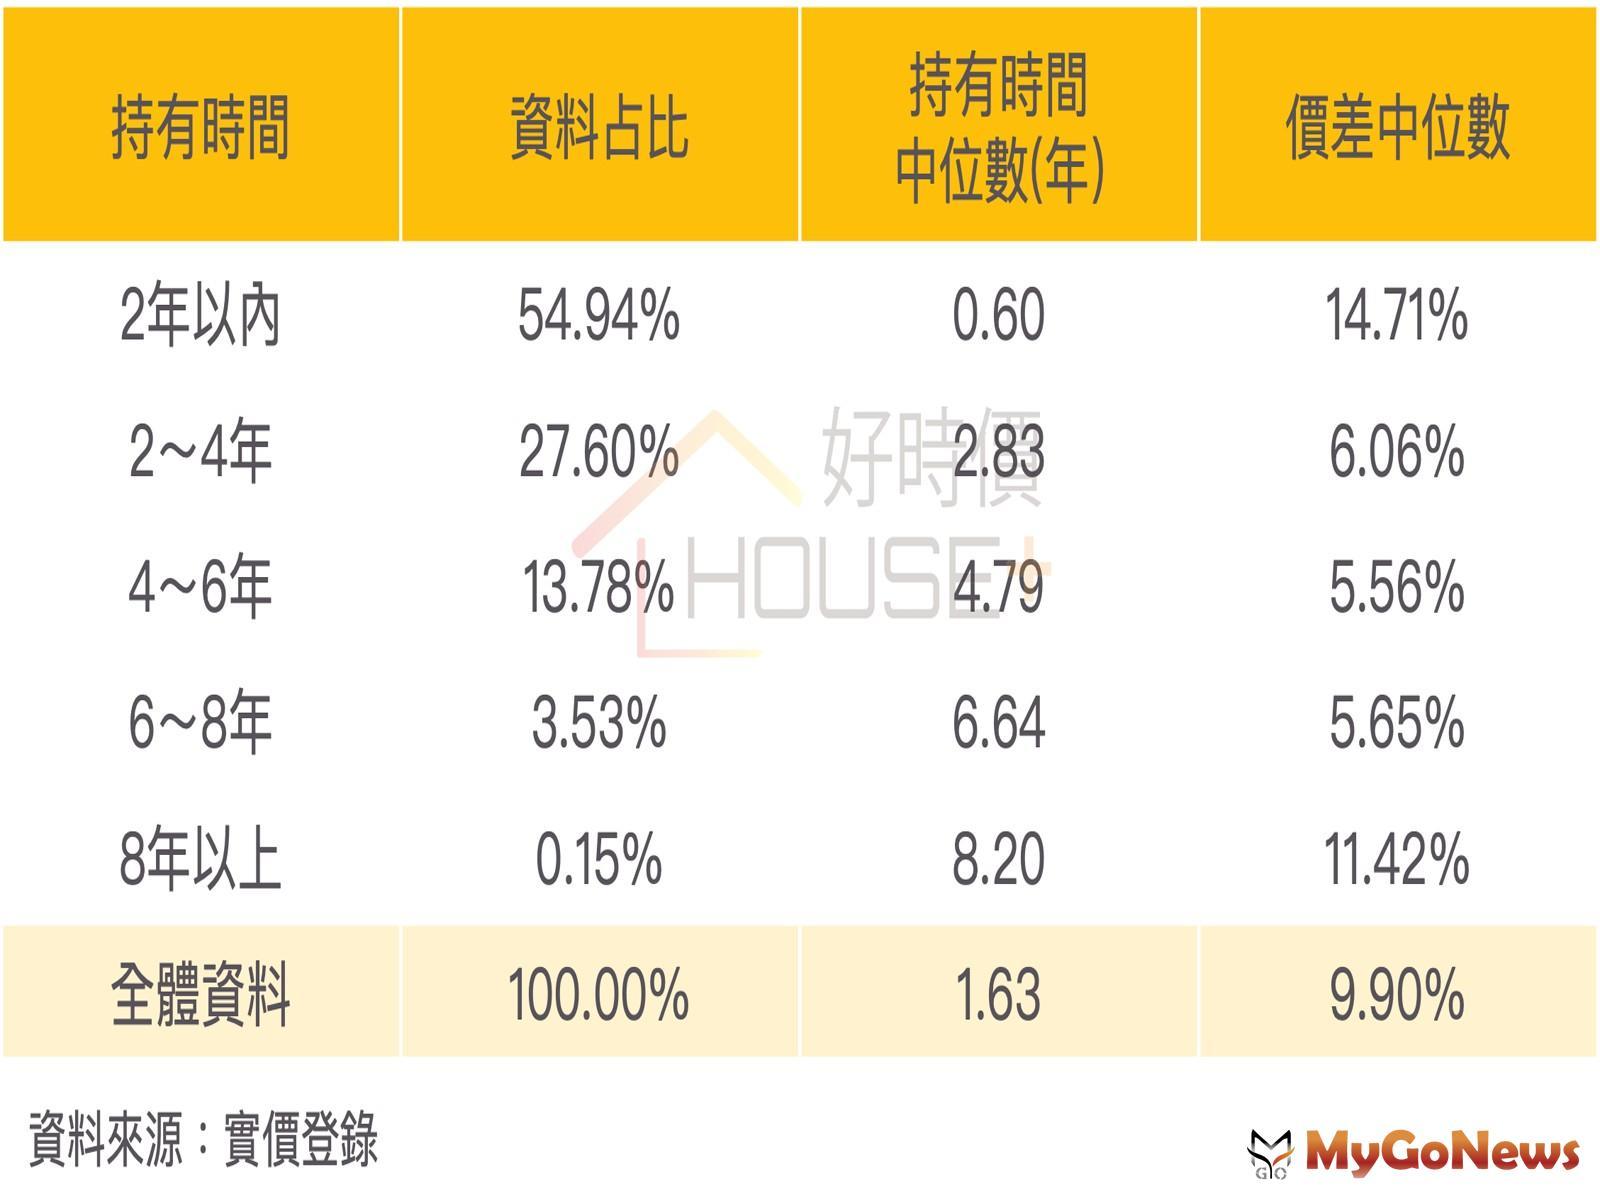 桃園2012年8月以來,共有1.76萬個門牌出現2筆以上的交易紀錄,持有時間中位數為1.63年,出售時的價差中位數為9.90%! MyGoNews房地產新聞 市場快訊